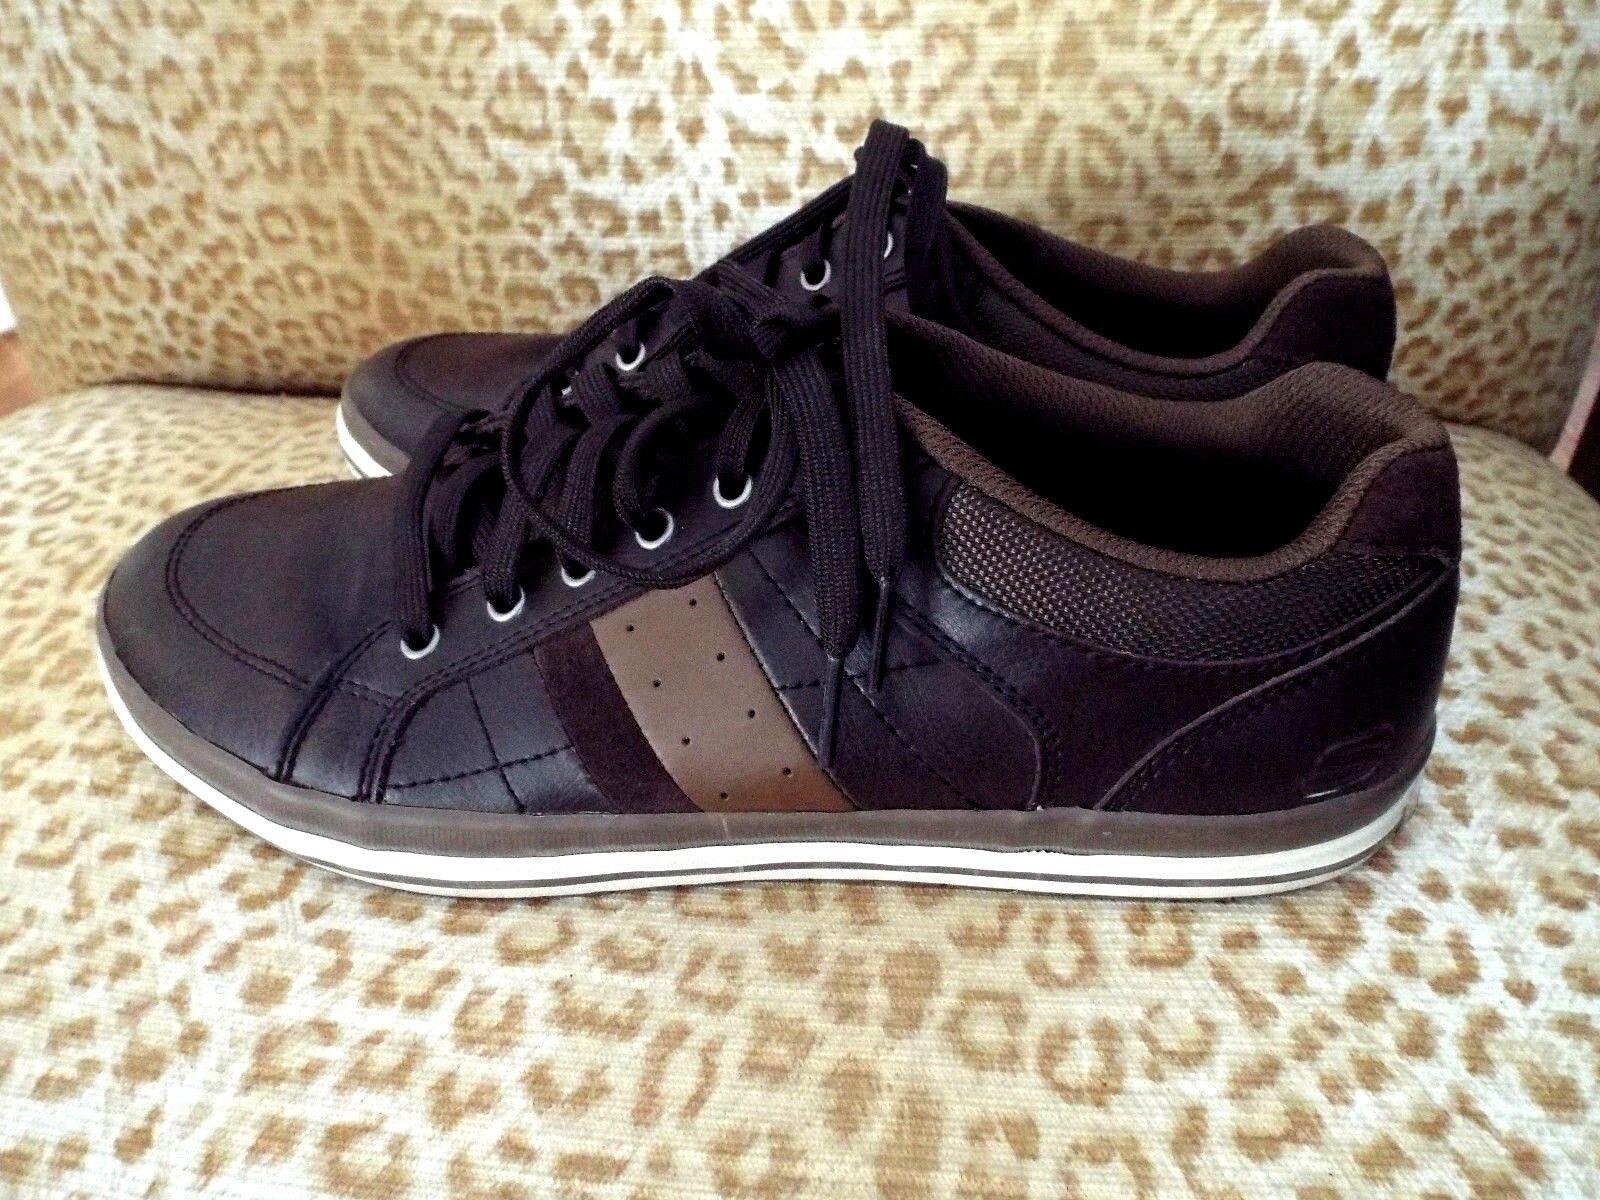 NEW***SKECHERS Sz 10.5M men's comfort LOAFERS browns!!